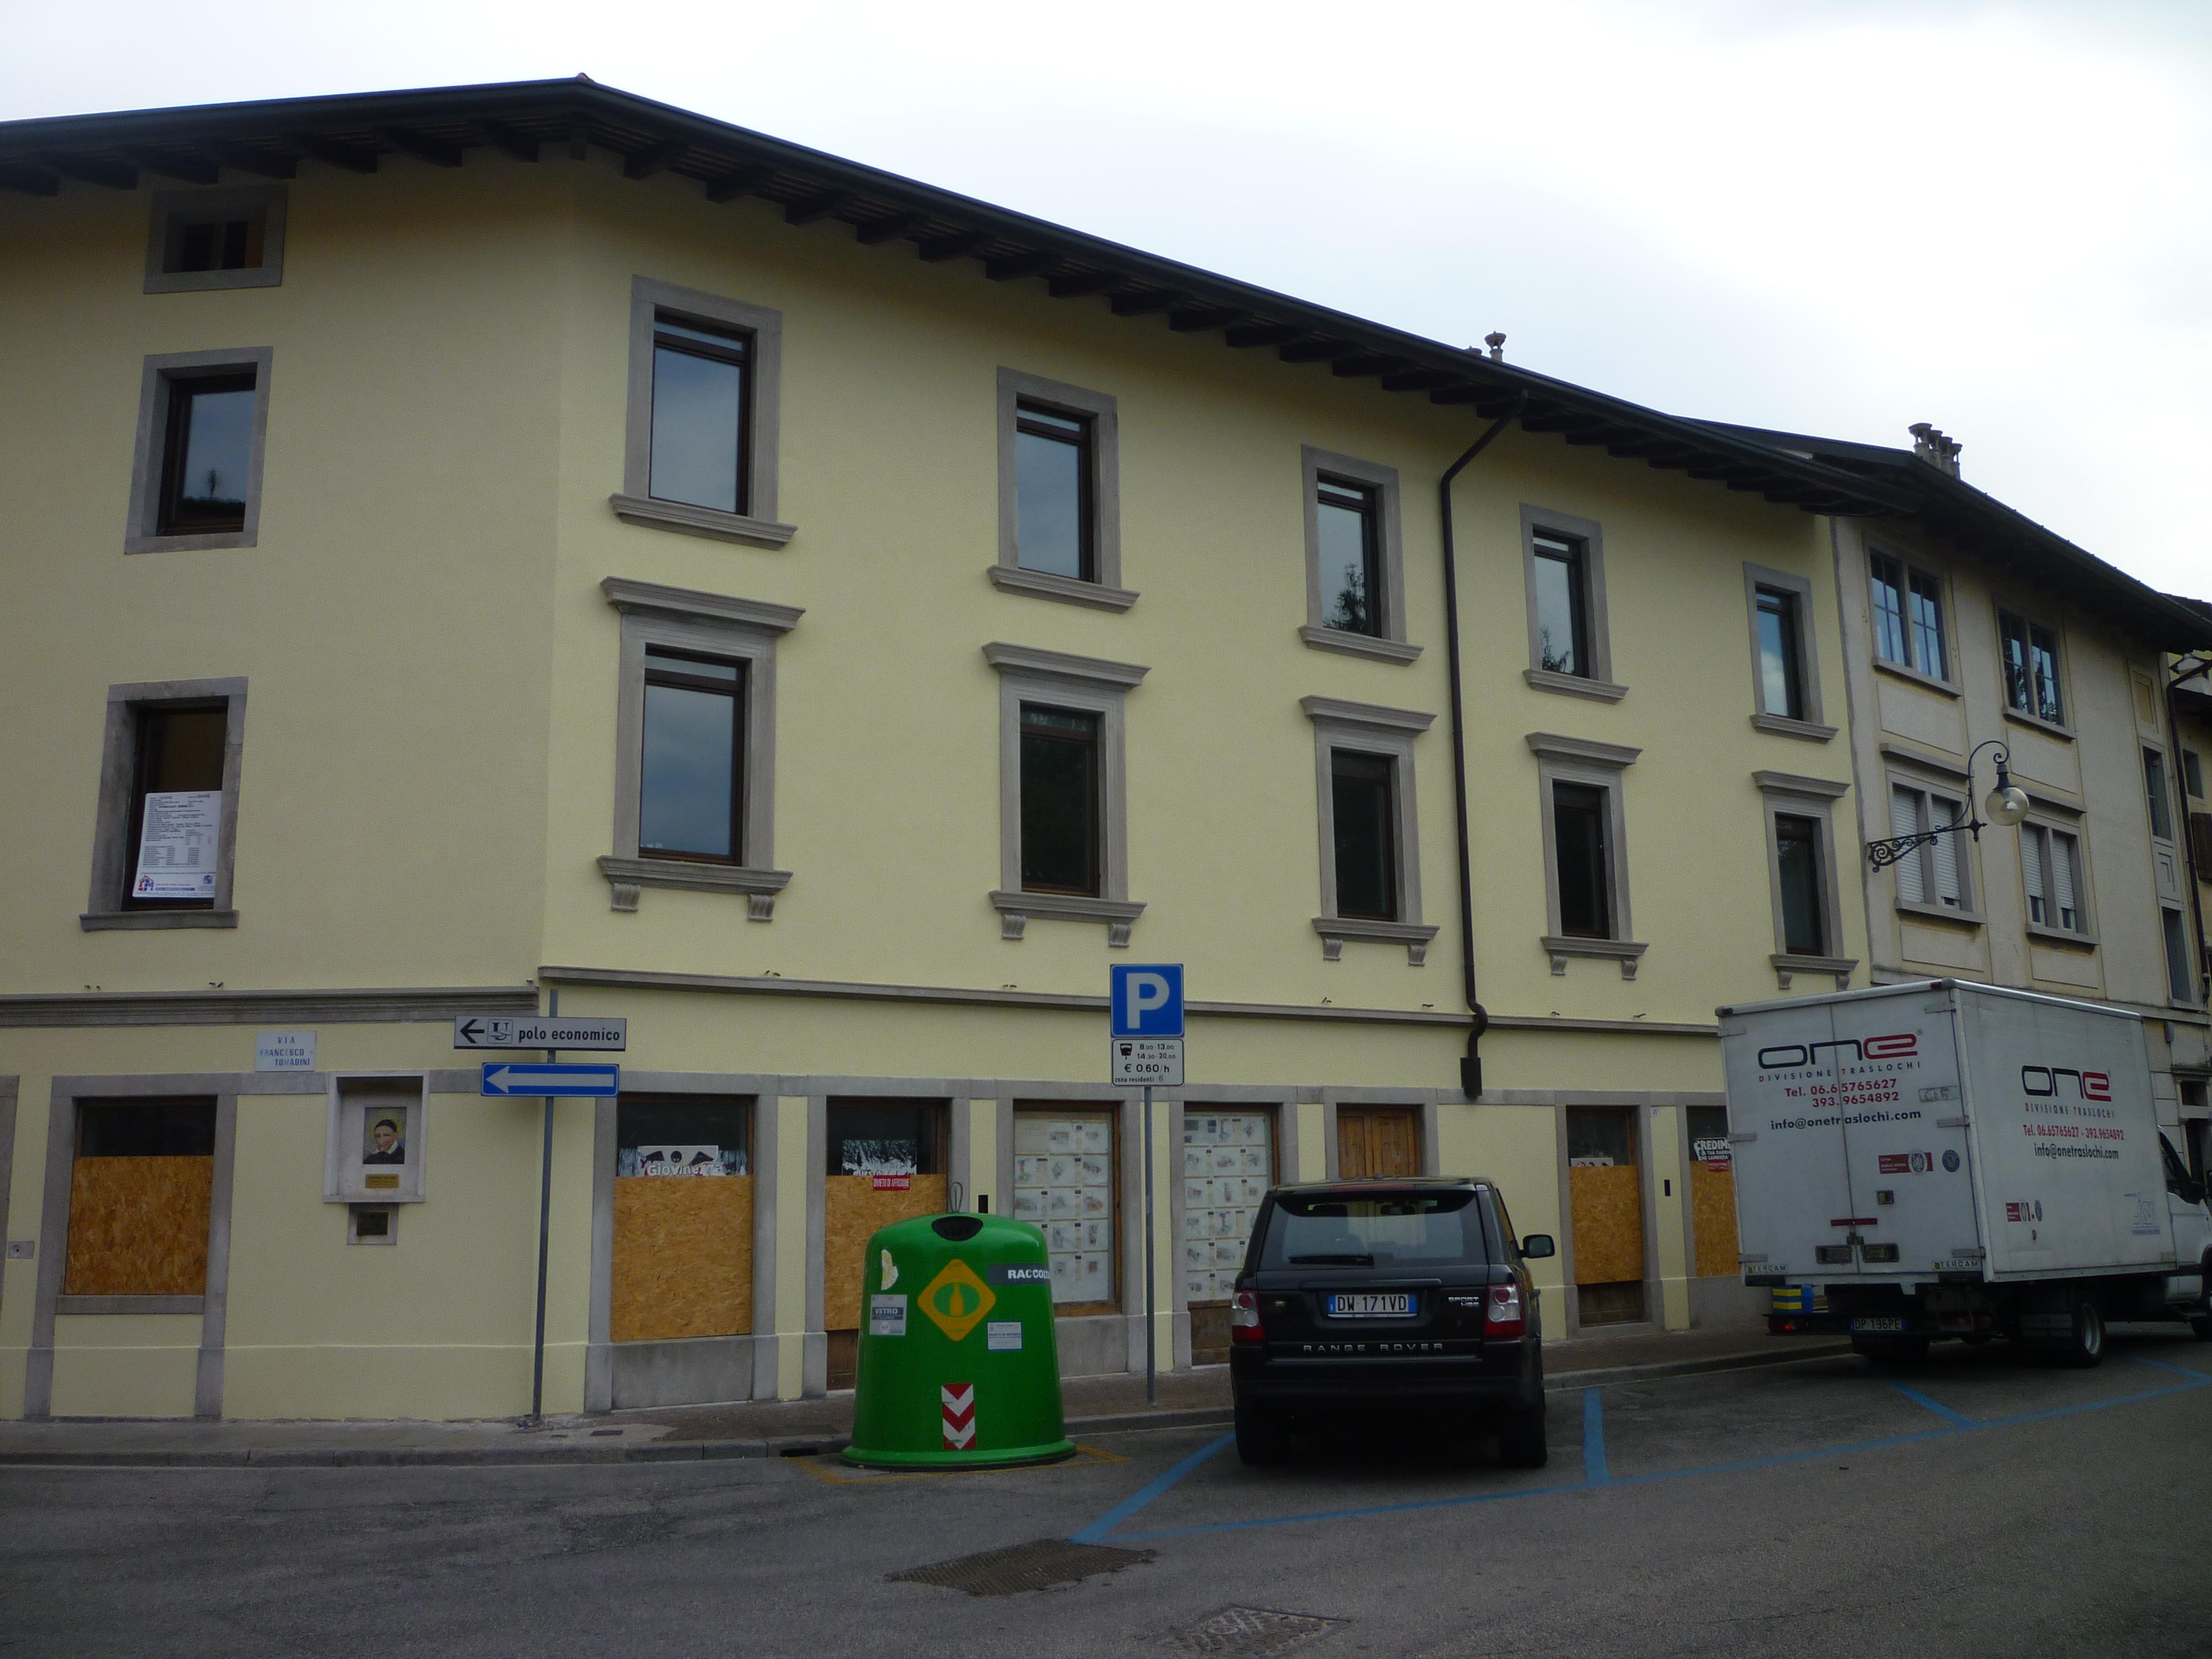 Negozio / Locale in vendita a Udine, 9999 locali, prezzo € 90.000 | Cambio Casa.it